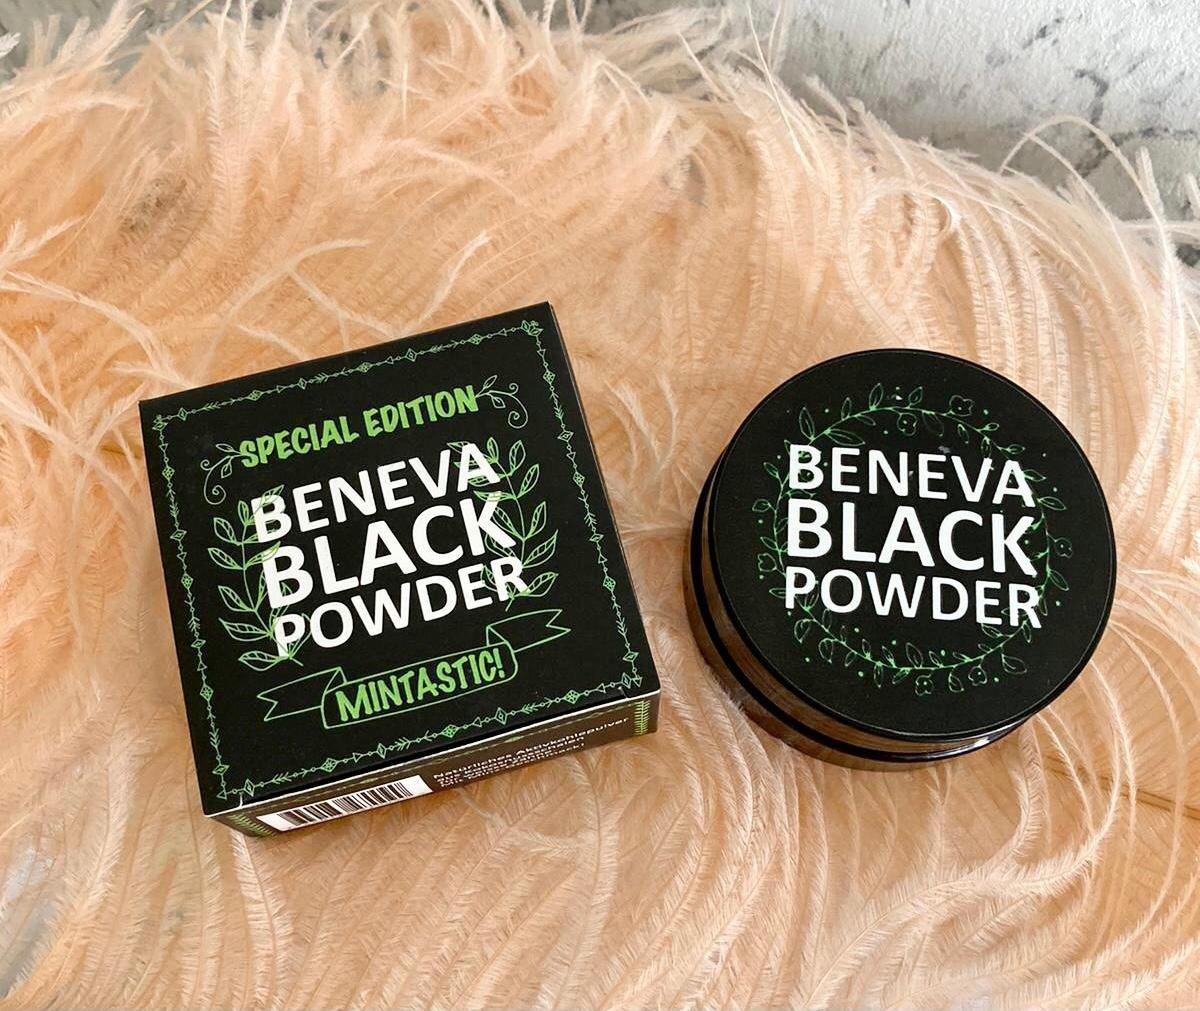 Black Powder Beneva Black